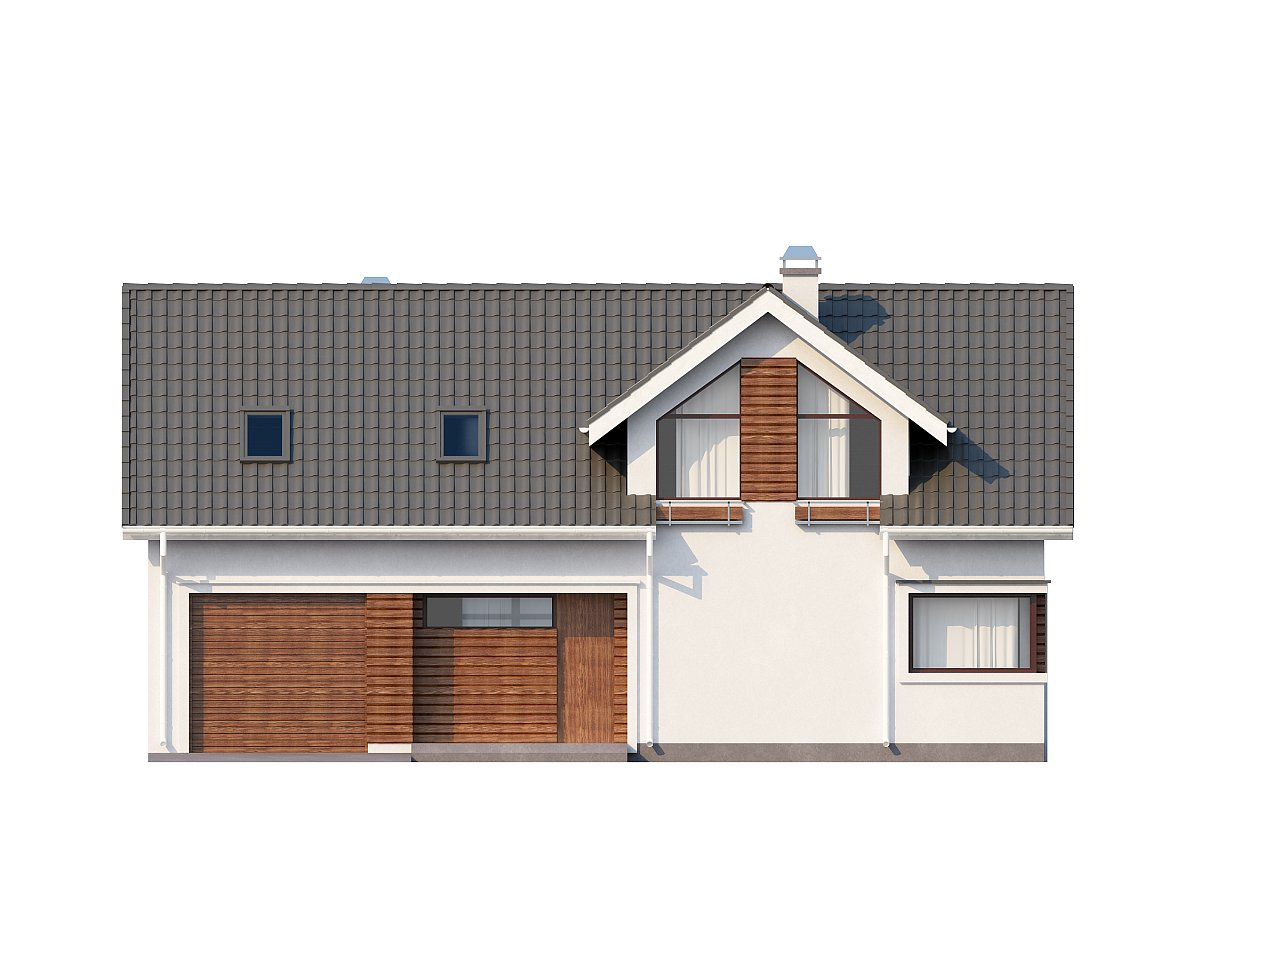 Дом со встроенным гаражом, красивым мансардным окном и вторым светом над гостиной. - фото 10